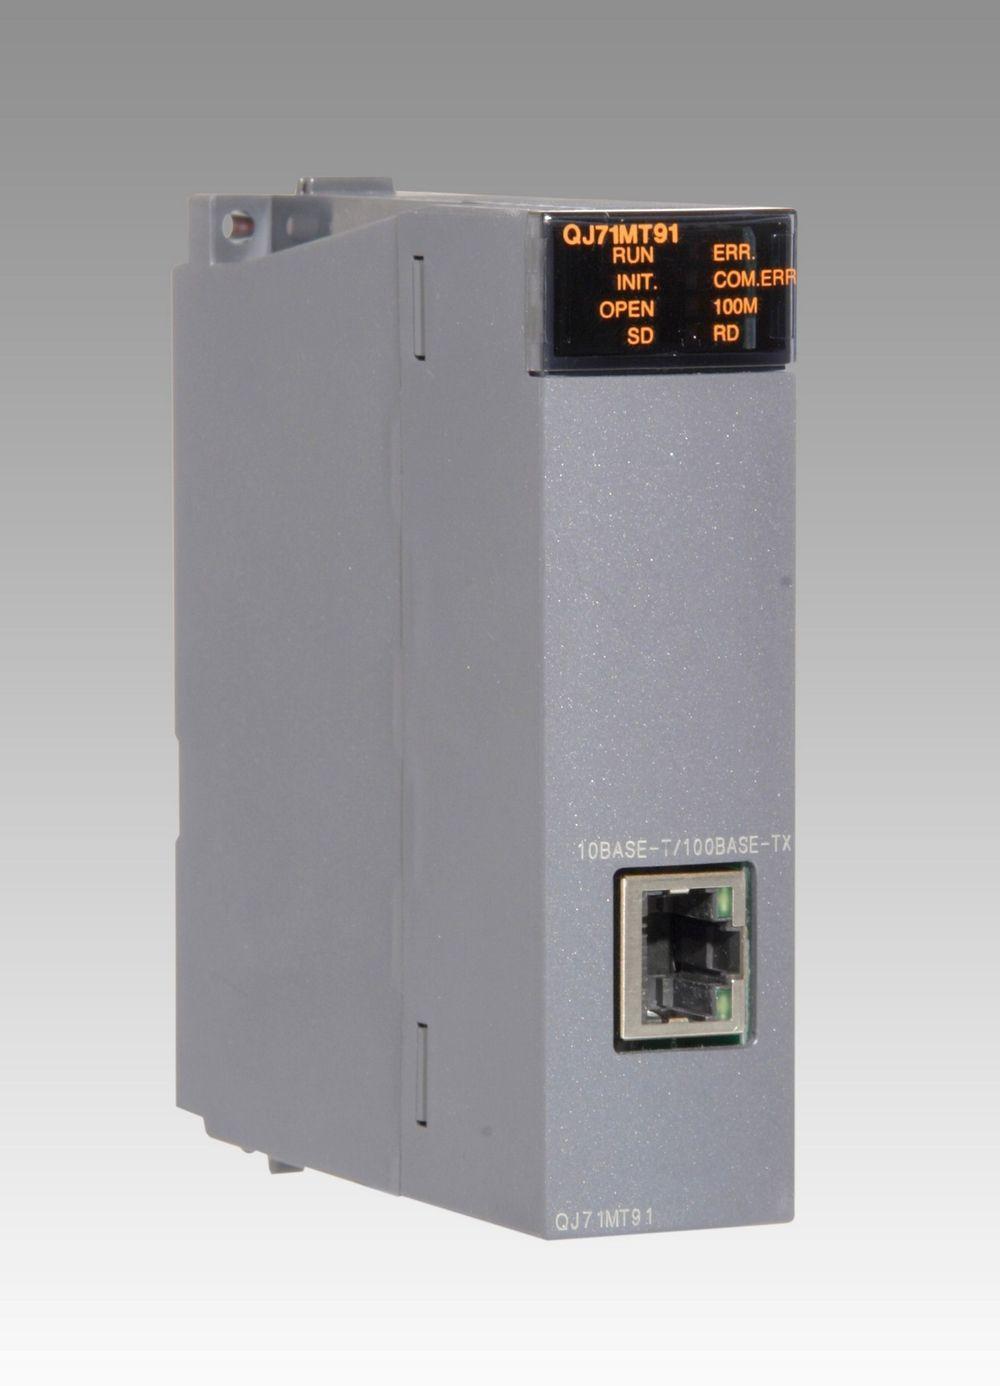 UTVIDER: En ny Mitsubishi master-/slavemodul ved navn QJ71MT91. Den kobles inn på Ethernet og kommuniserer der via Modbus/TCP. Slik utvider du systemmulighetene.